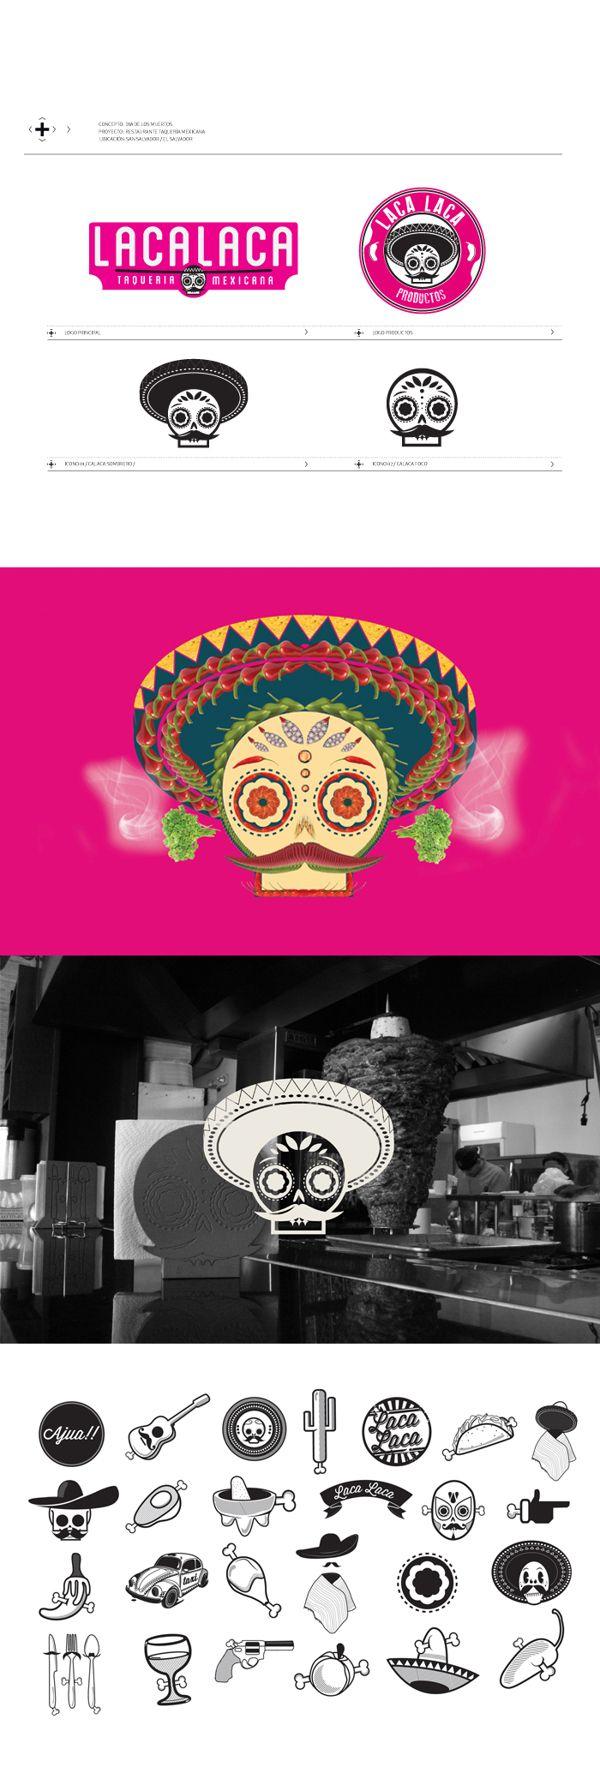 LACALACA  TAQUERA MEXICANA on Behance  Mexican Design